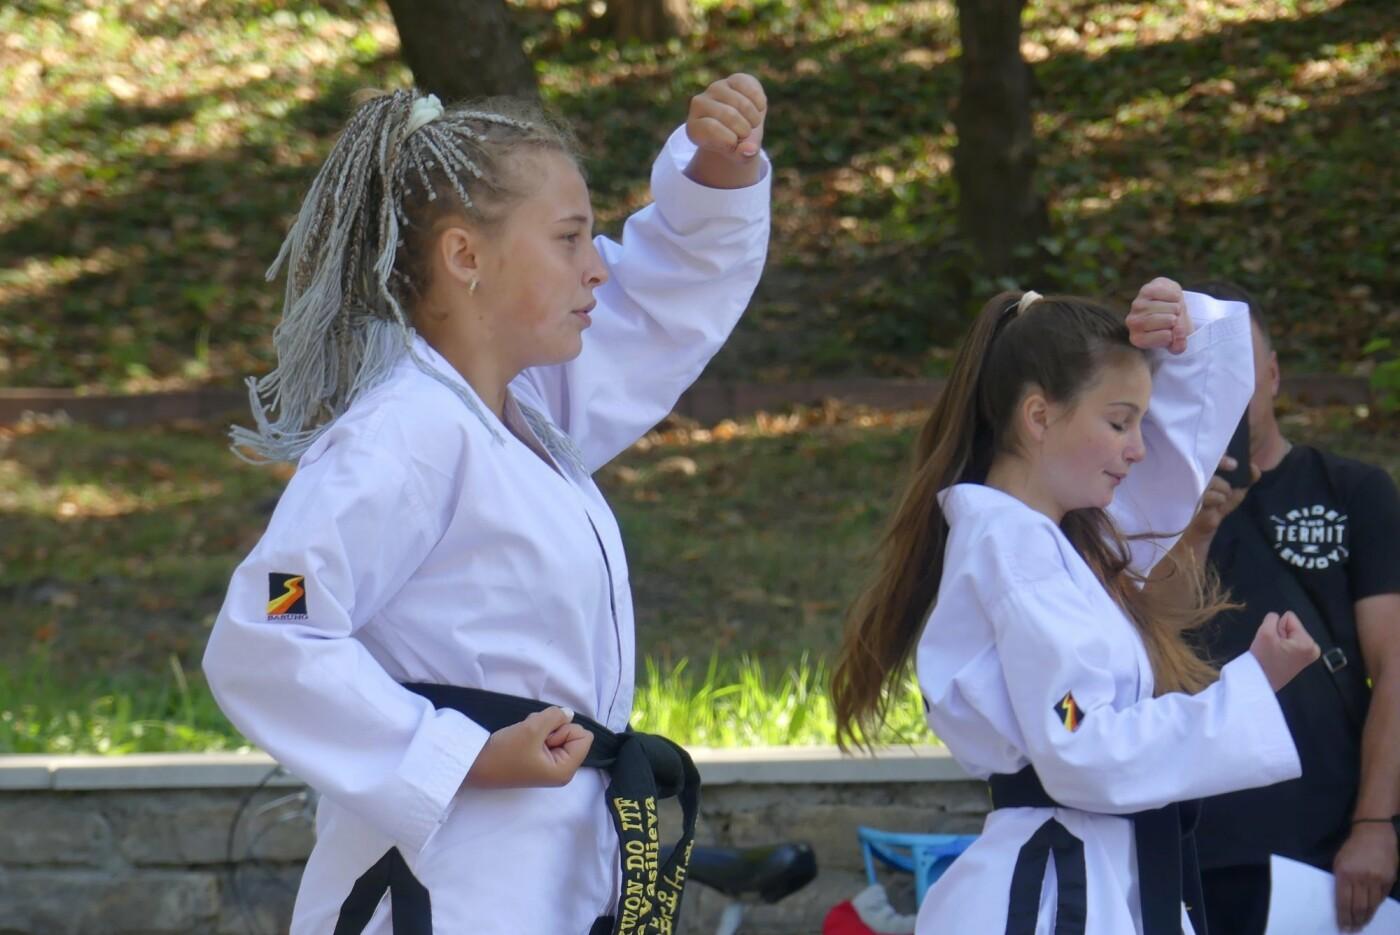 У Кам'янці-Подільському святкували спортивний день, фото-25, Фото: Кам'янець-Подільська міська рада